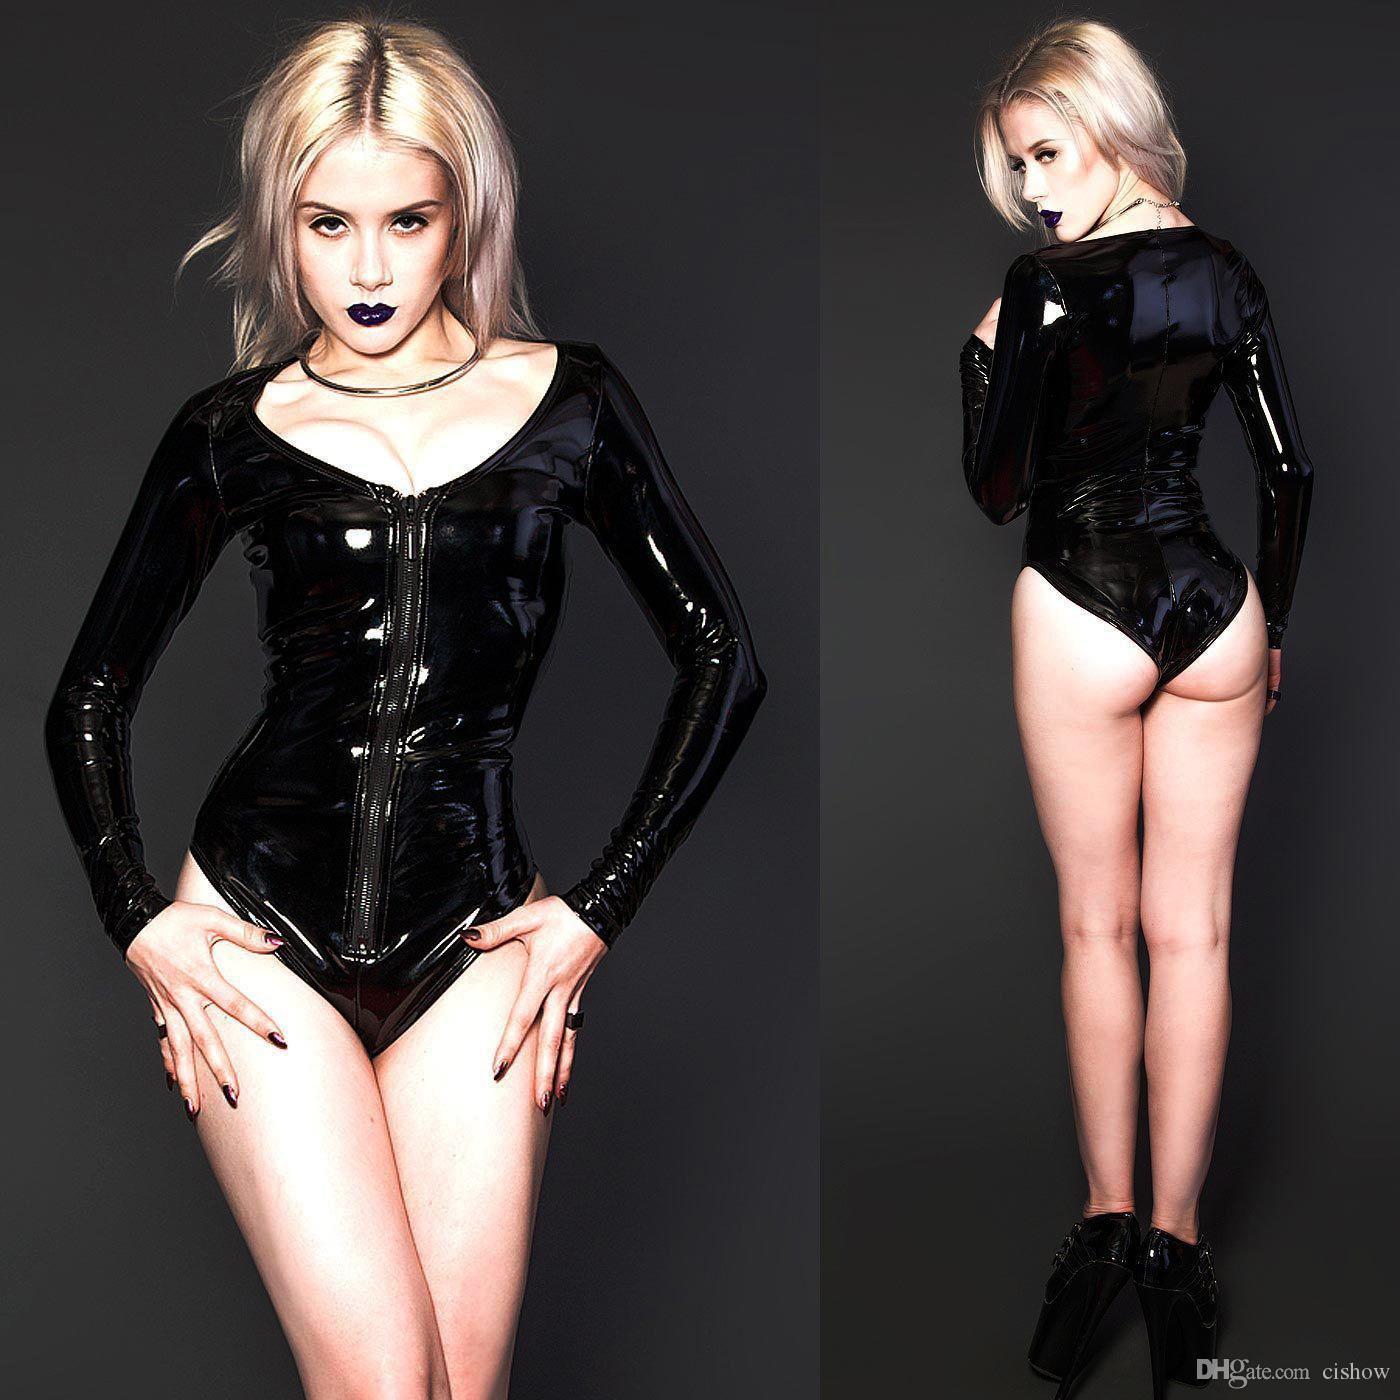 Сексуальная кожаная одежда для женщин 7 фотография